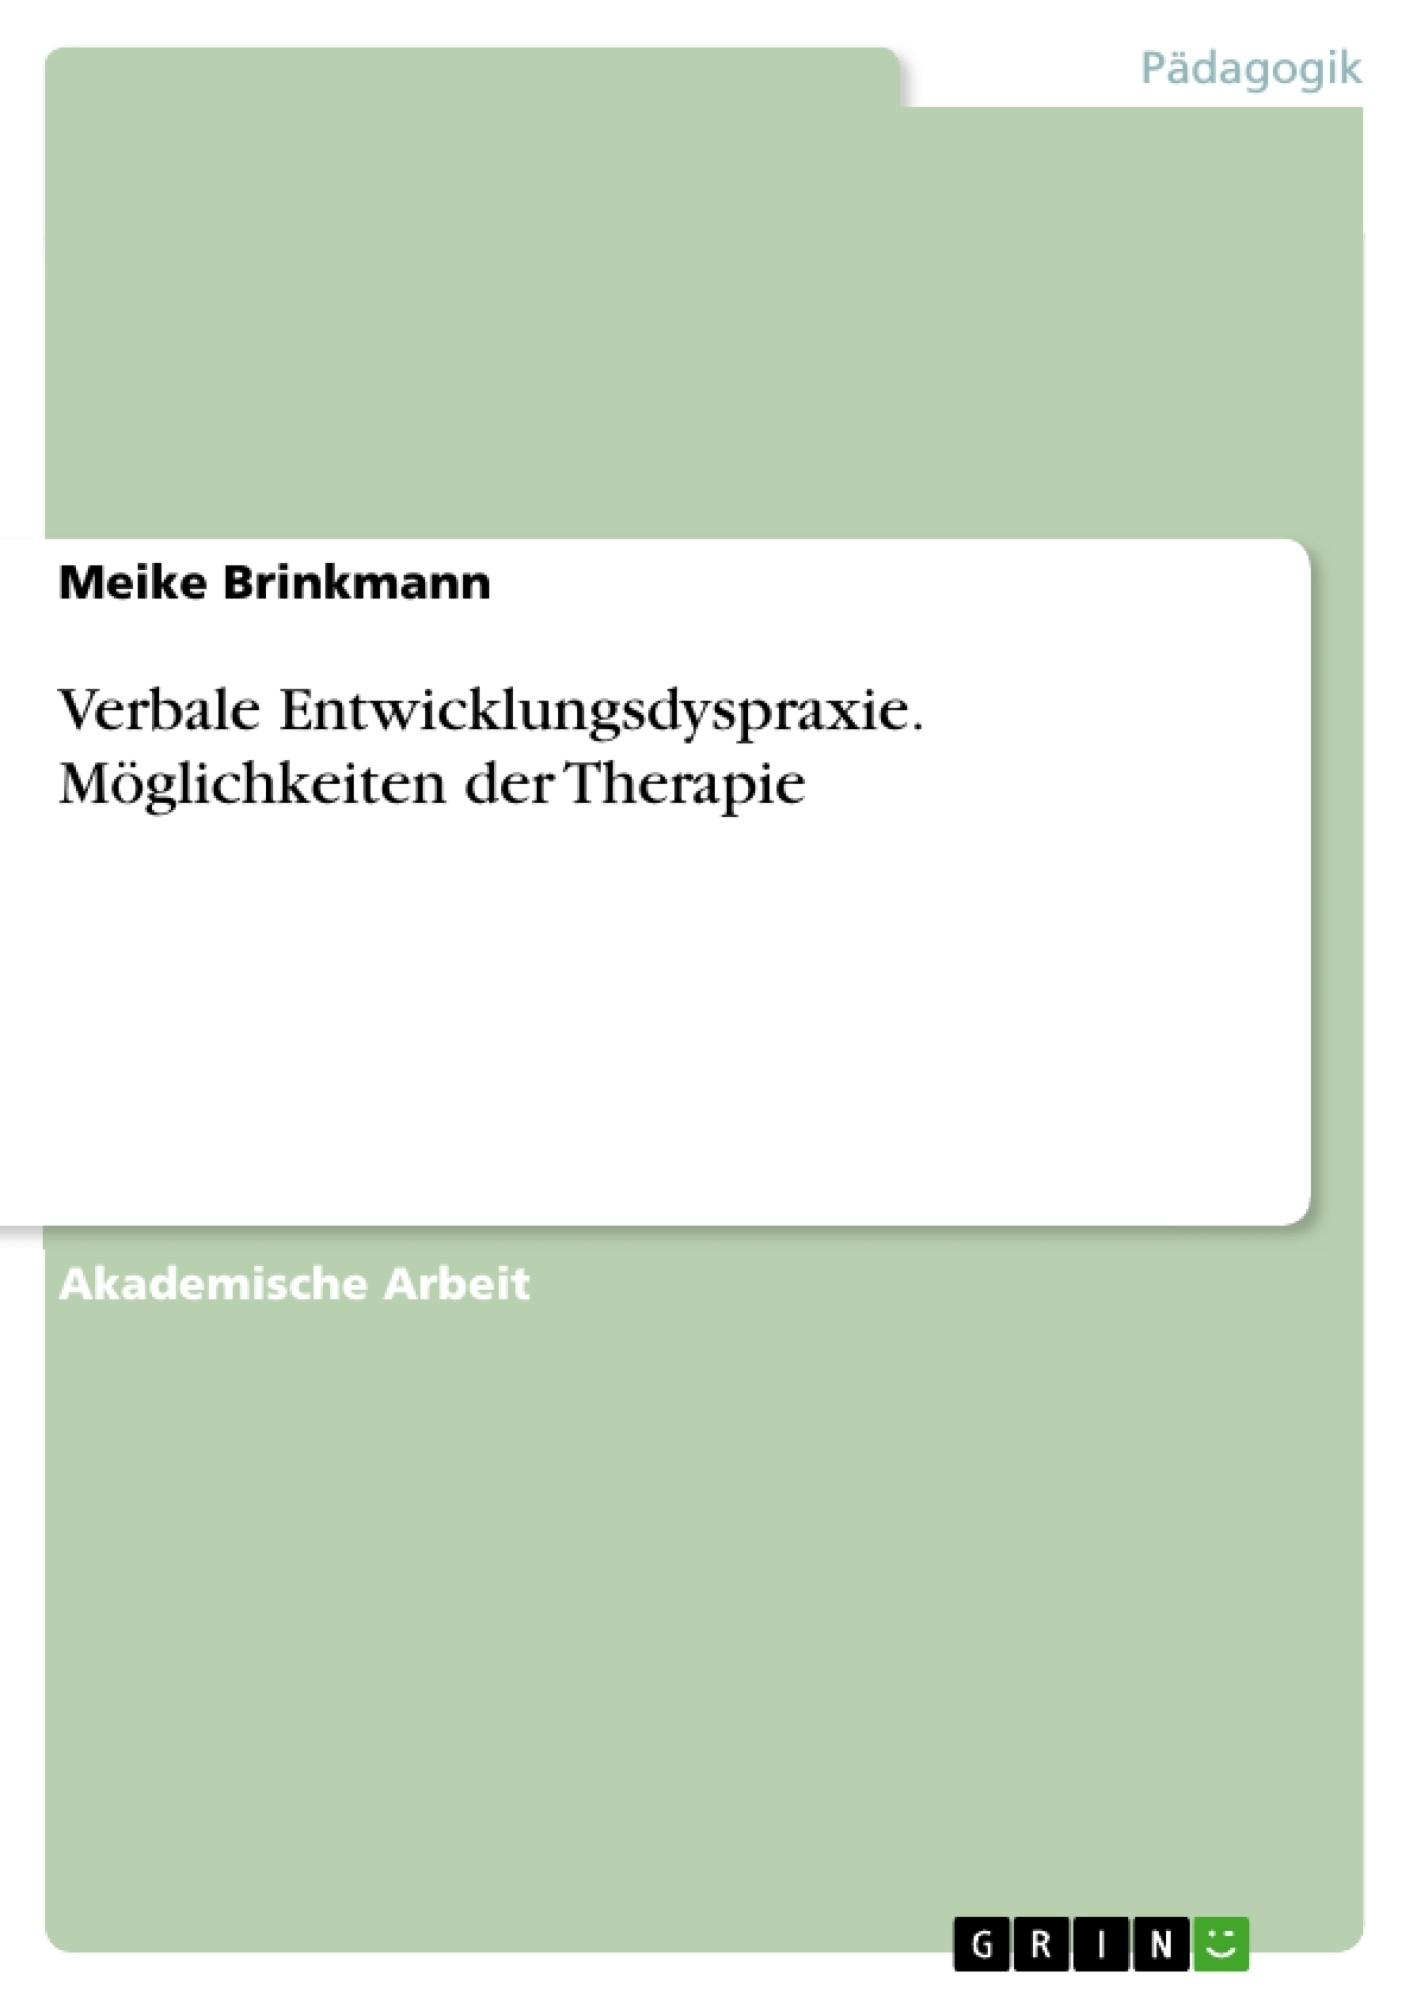 Titel: Verbale Entwicklungsdyspraxie. Möglichkeiten der Therapie